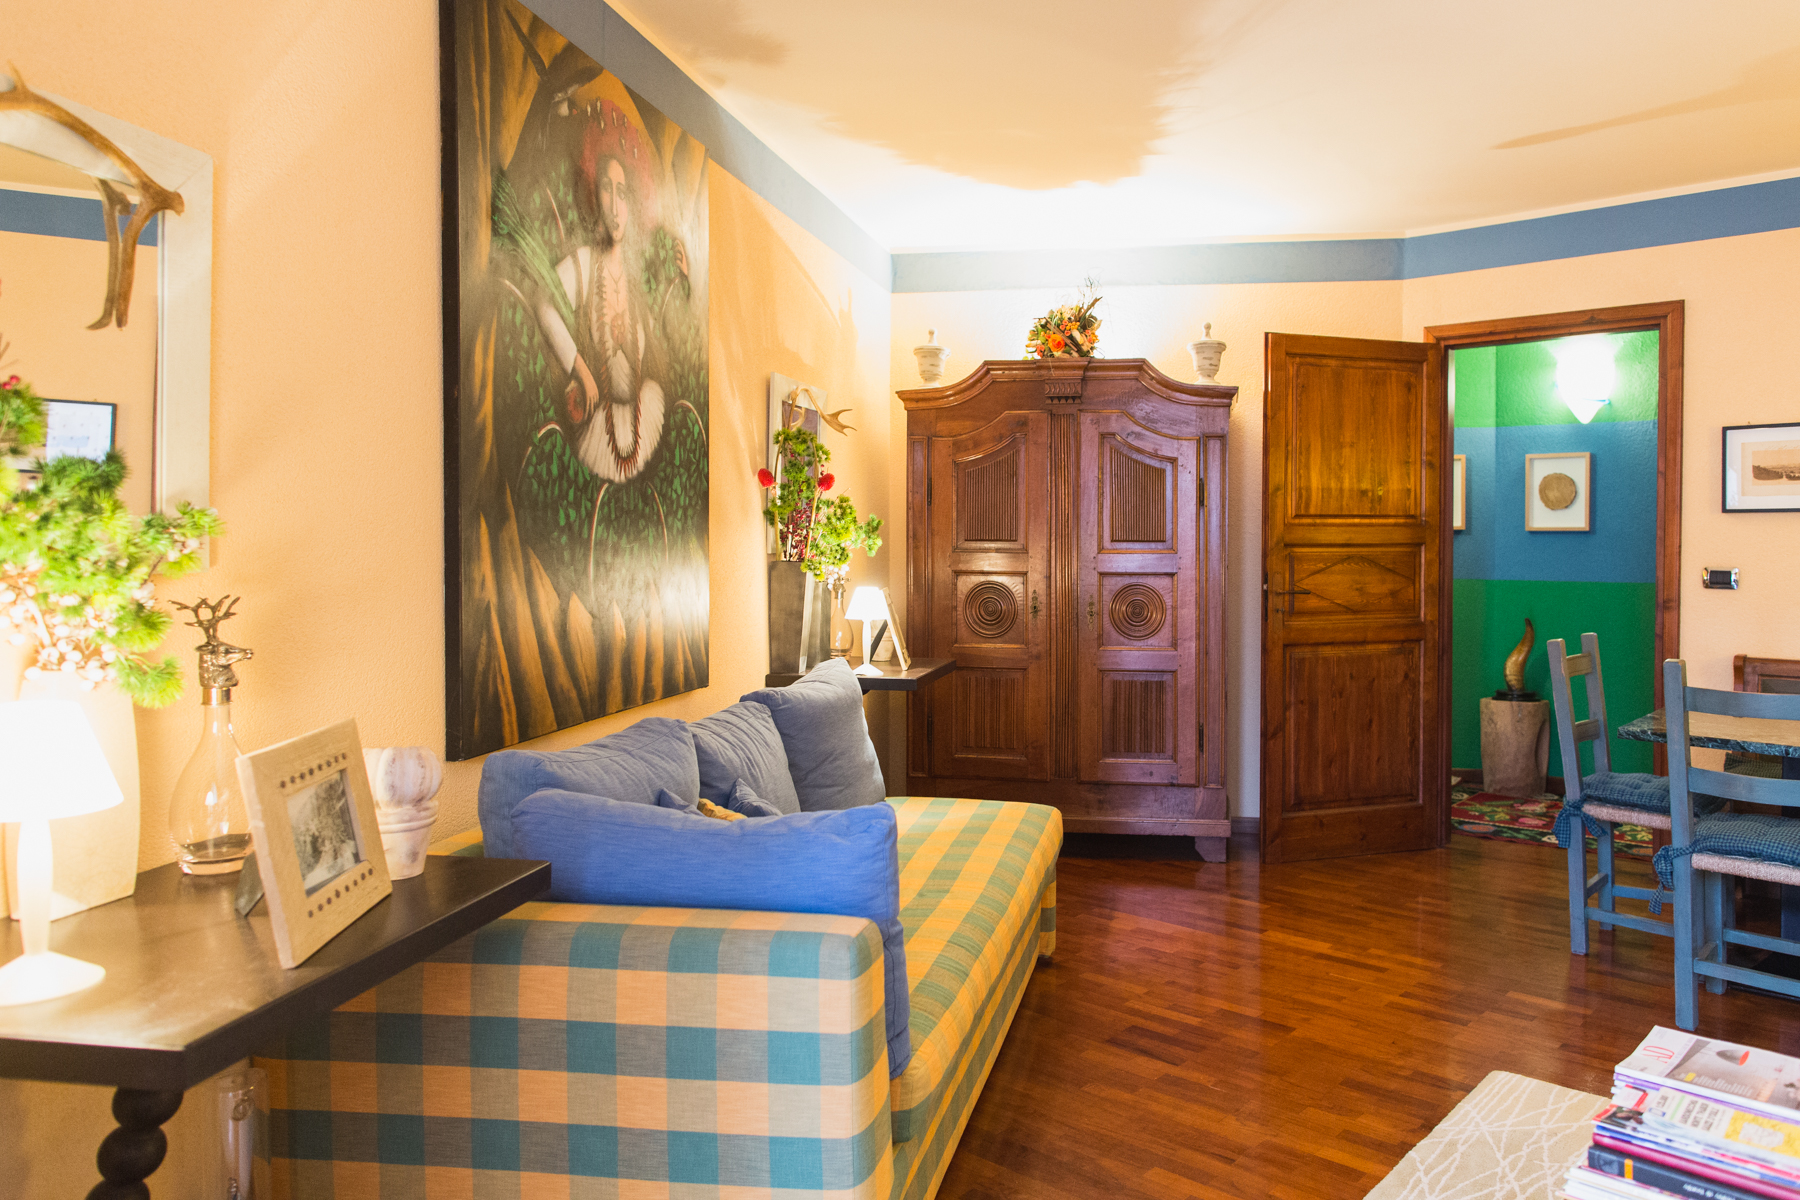 Additional photo for property listing at Cozy apartment in Bardonecchia Viale della Vittoria Other Turin, Turin 10052 Italia